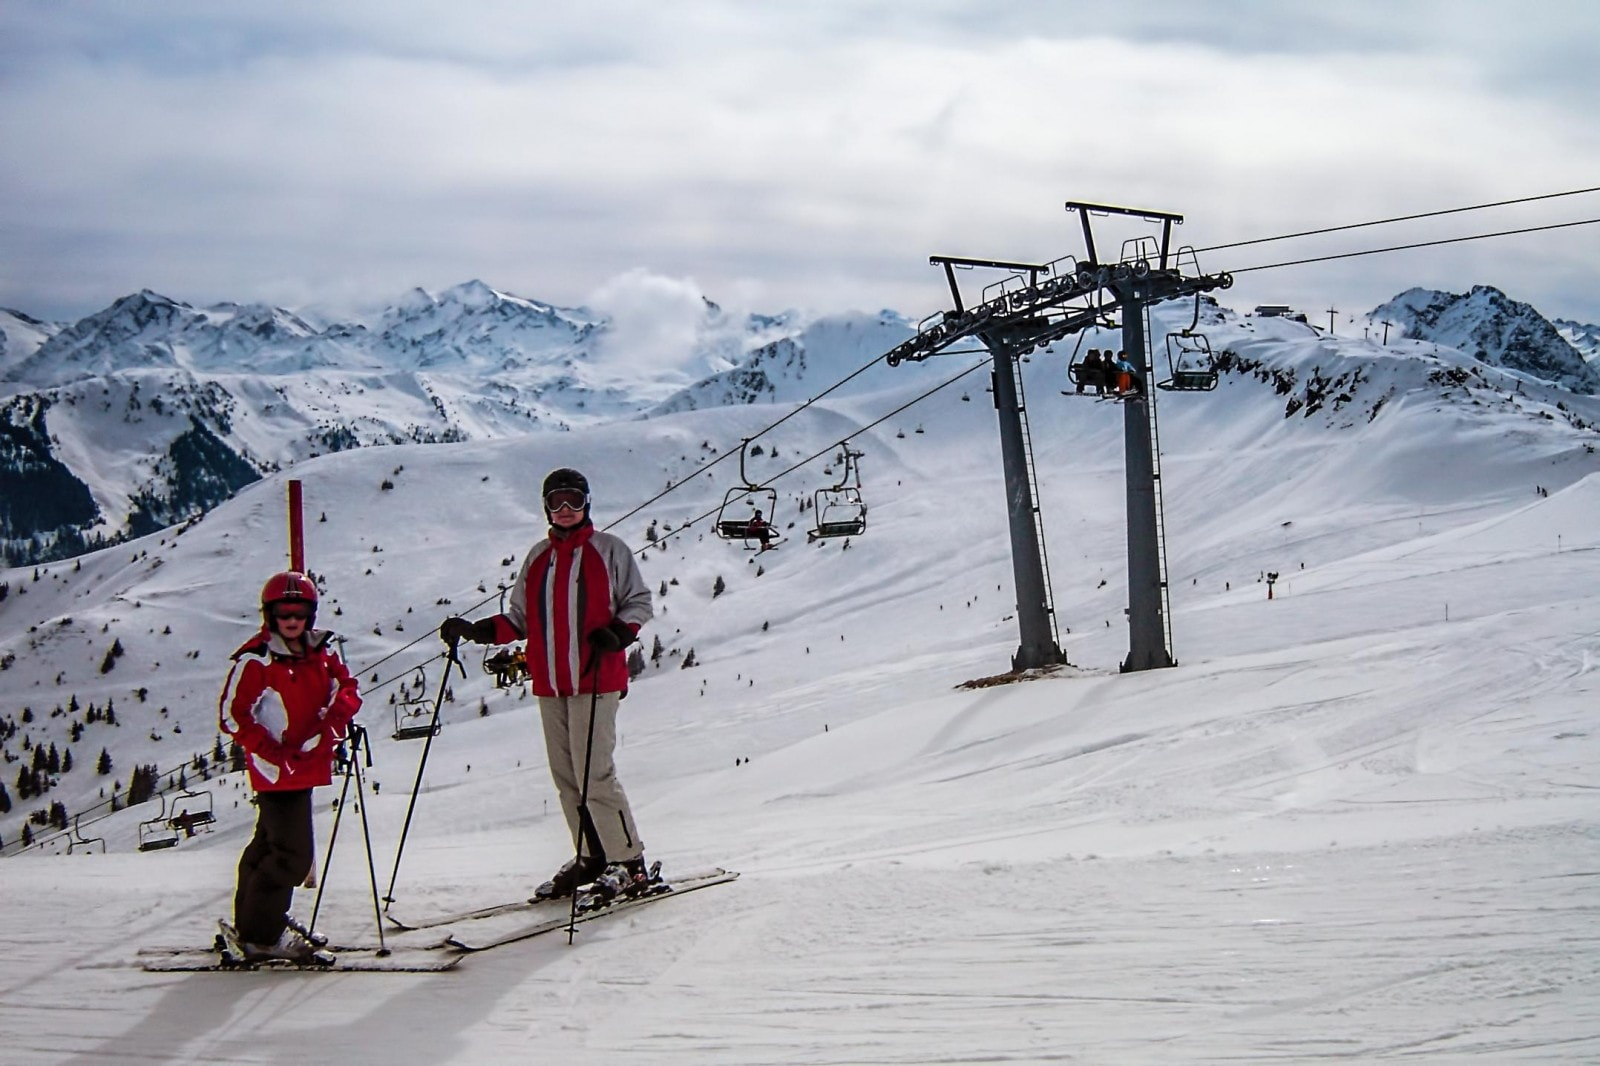 קיצבוהל. יש המגדירים אותו כ-אתר לבצע סקי באוסטריה